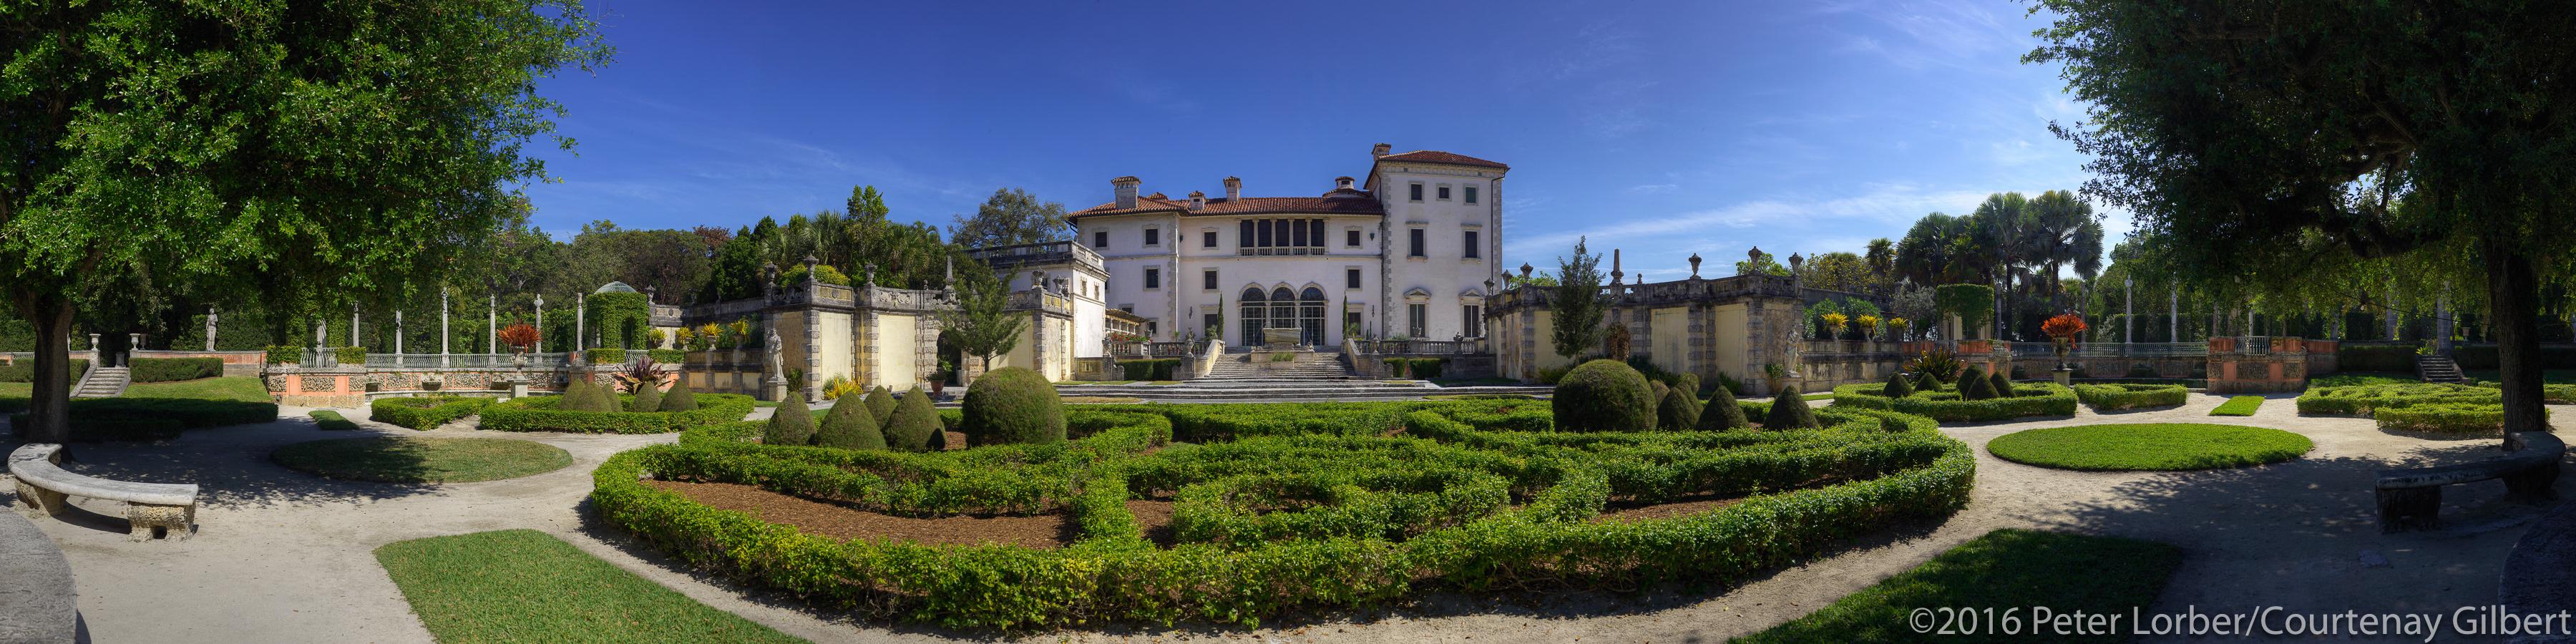 Vizcaya Main Gardens